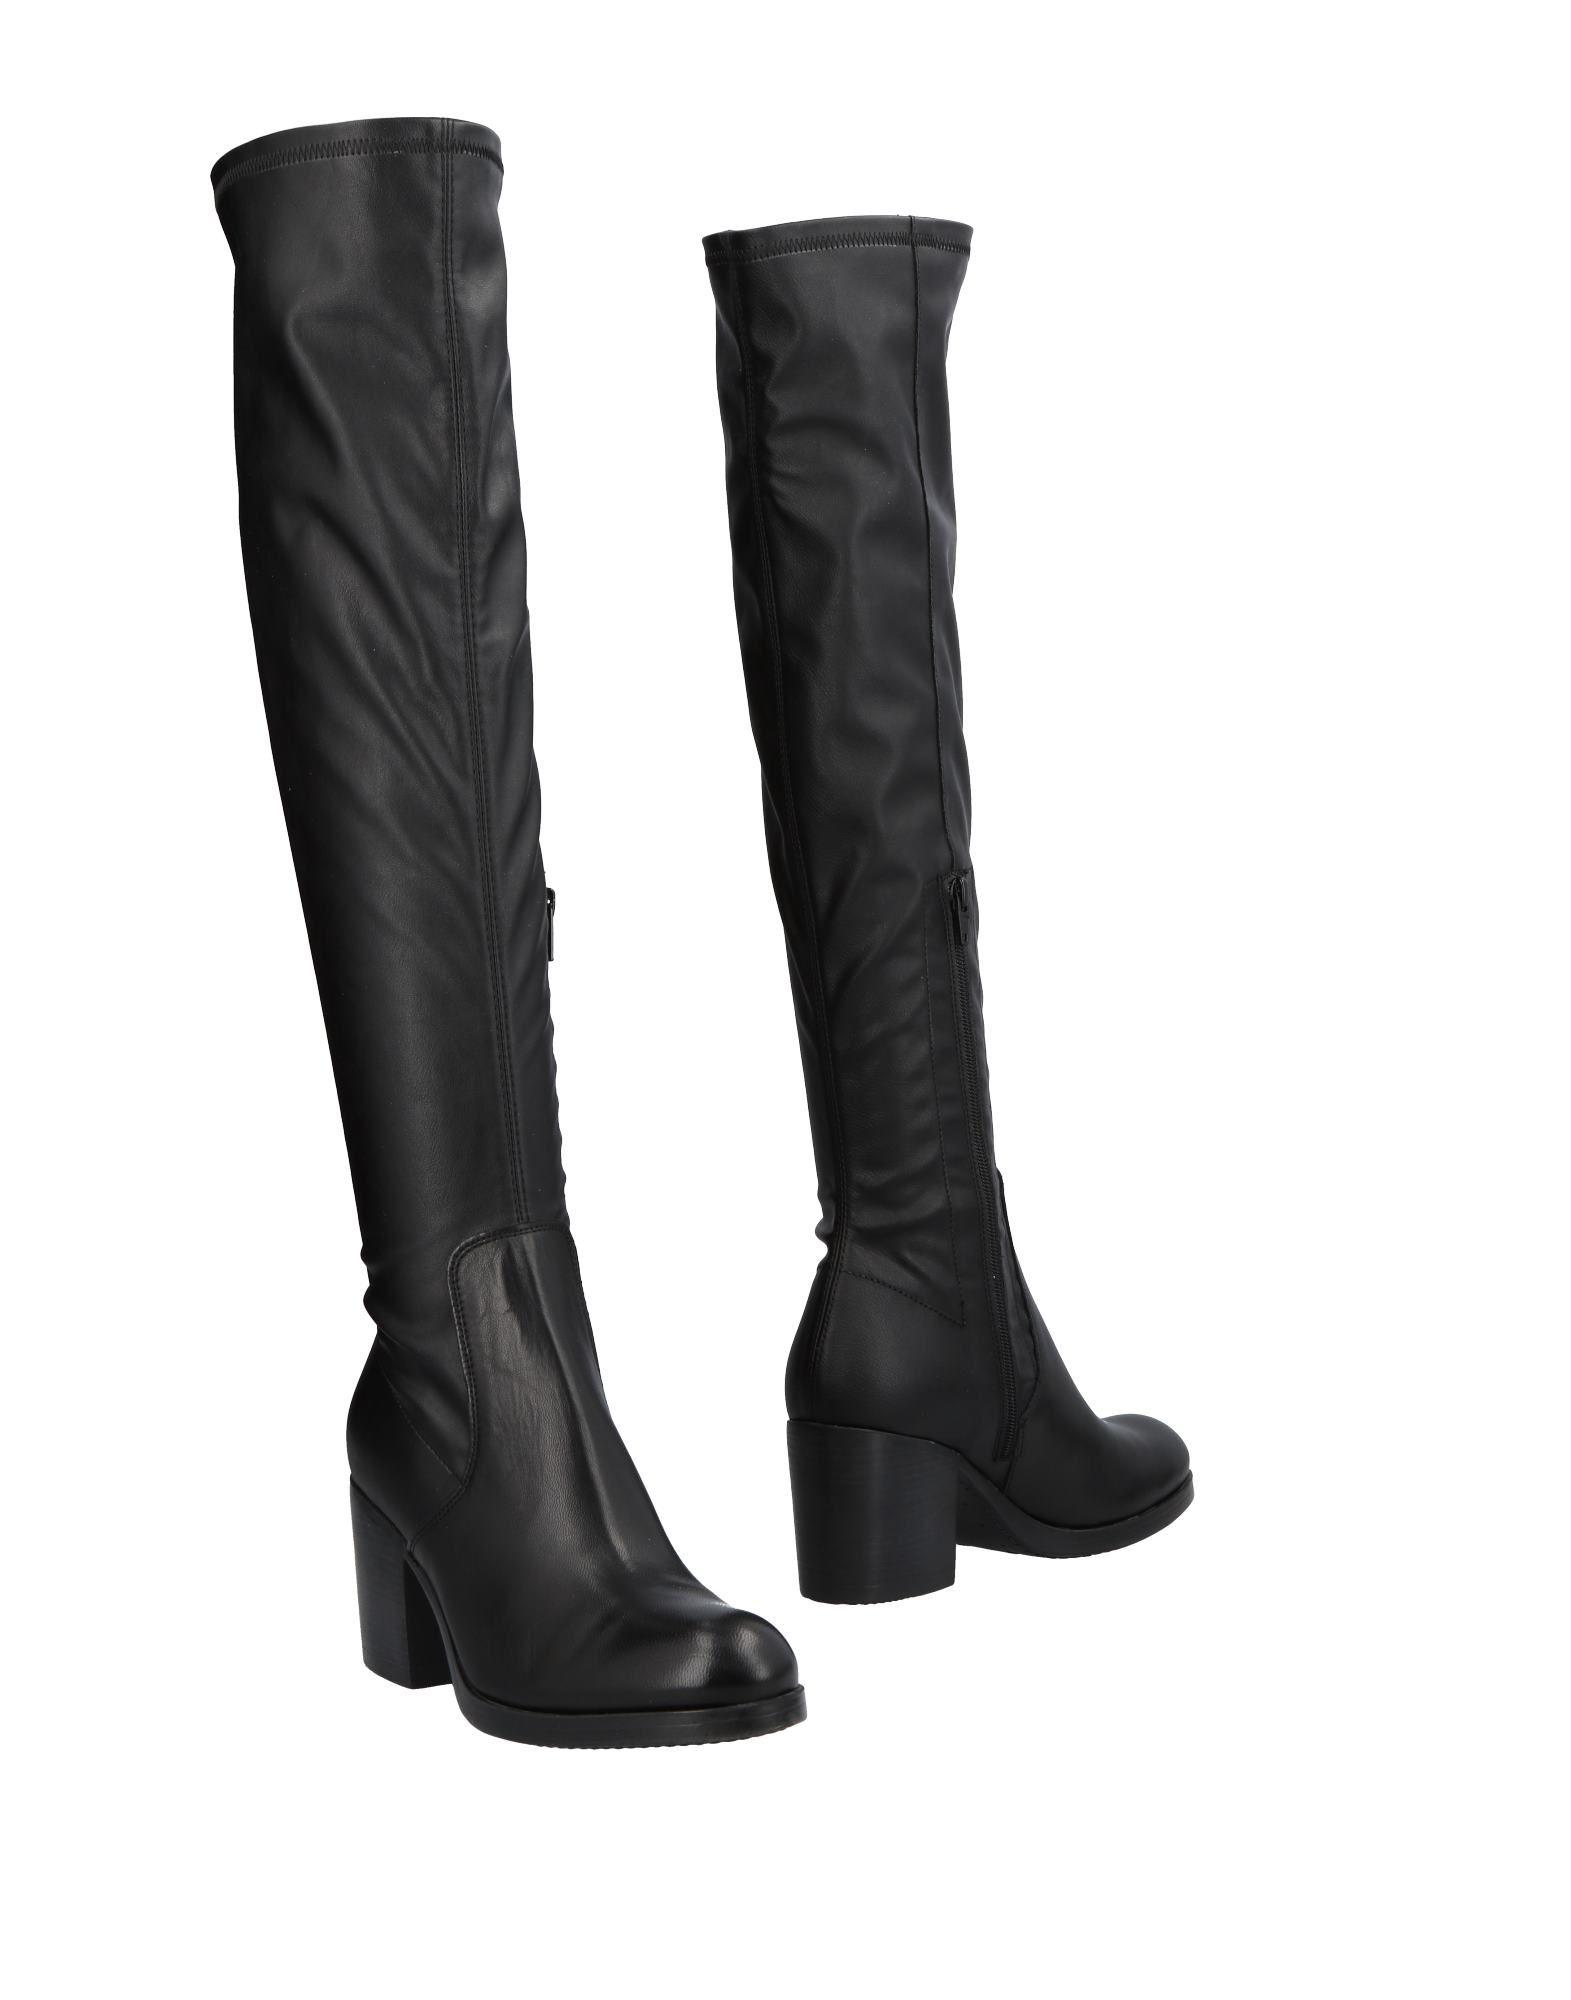 Formentini Stiefel Damen  11498155SE Gute Qualität beliebte Schuhe